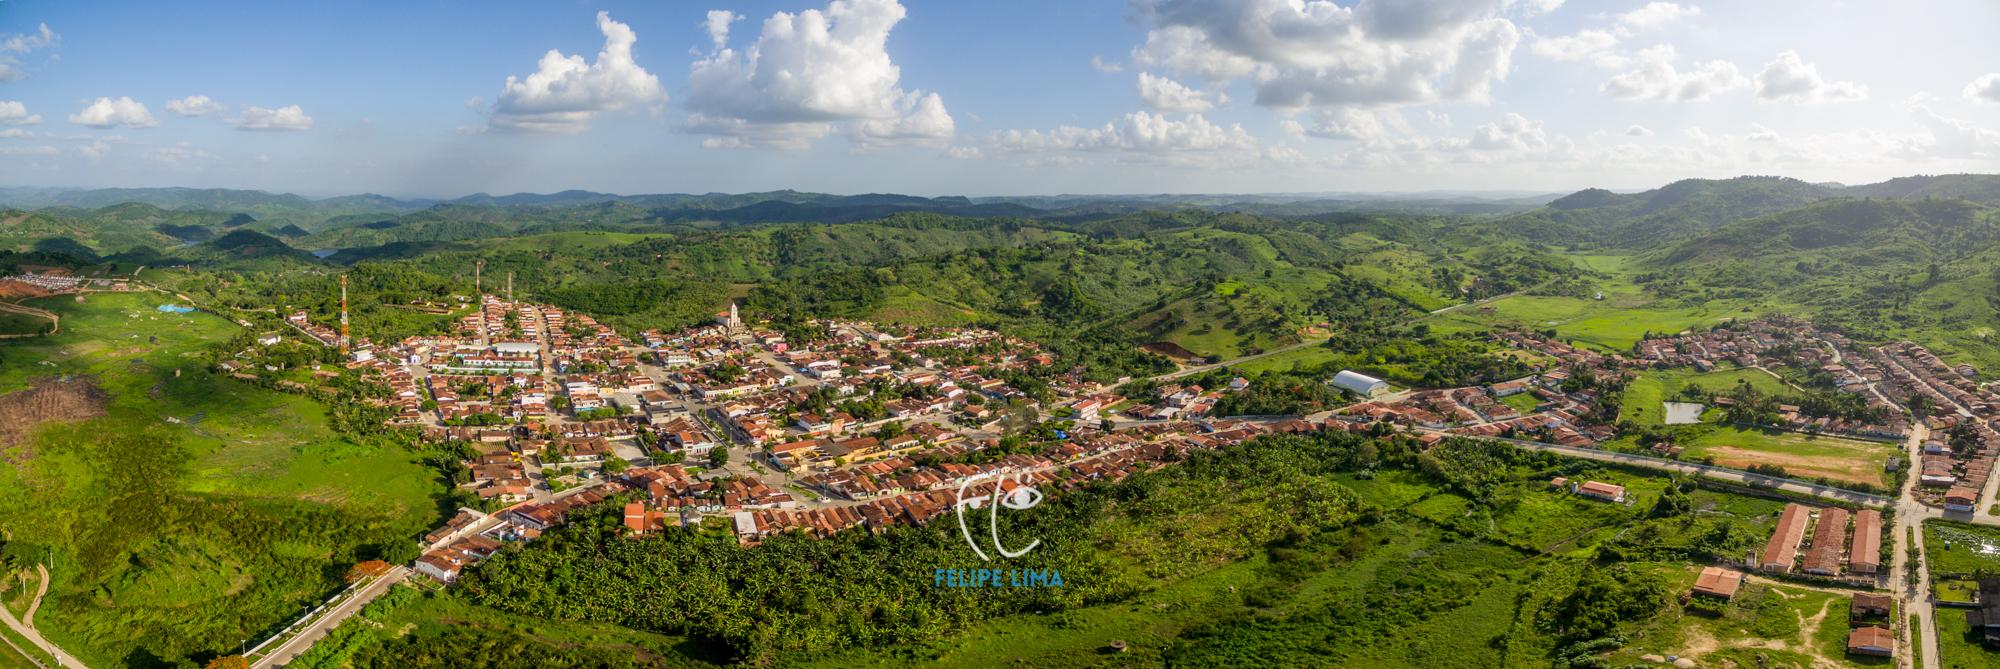 Borborema Paraíba fonte: www.dronestagr.am